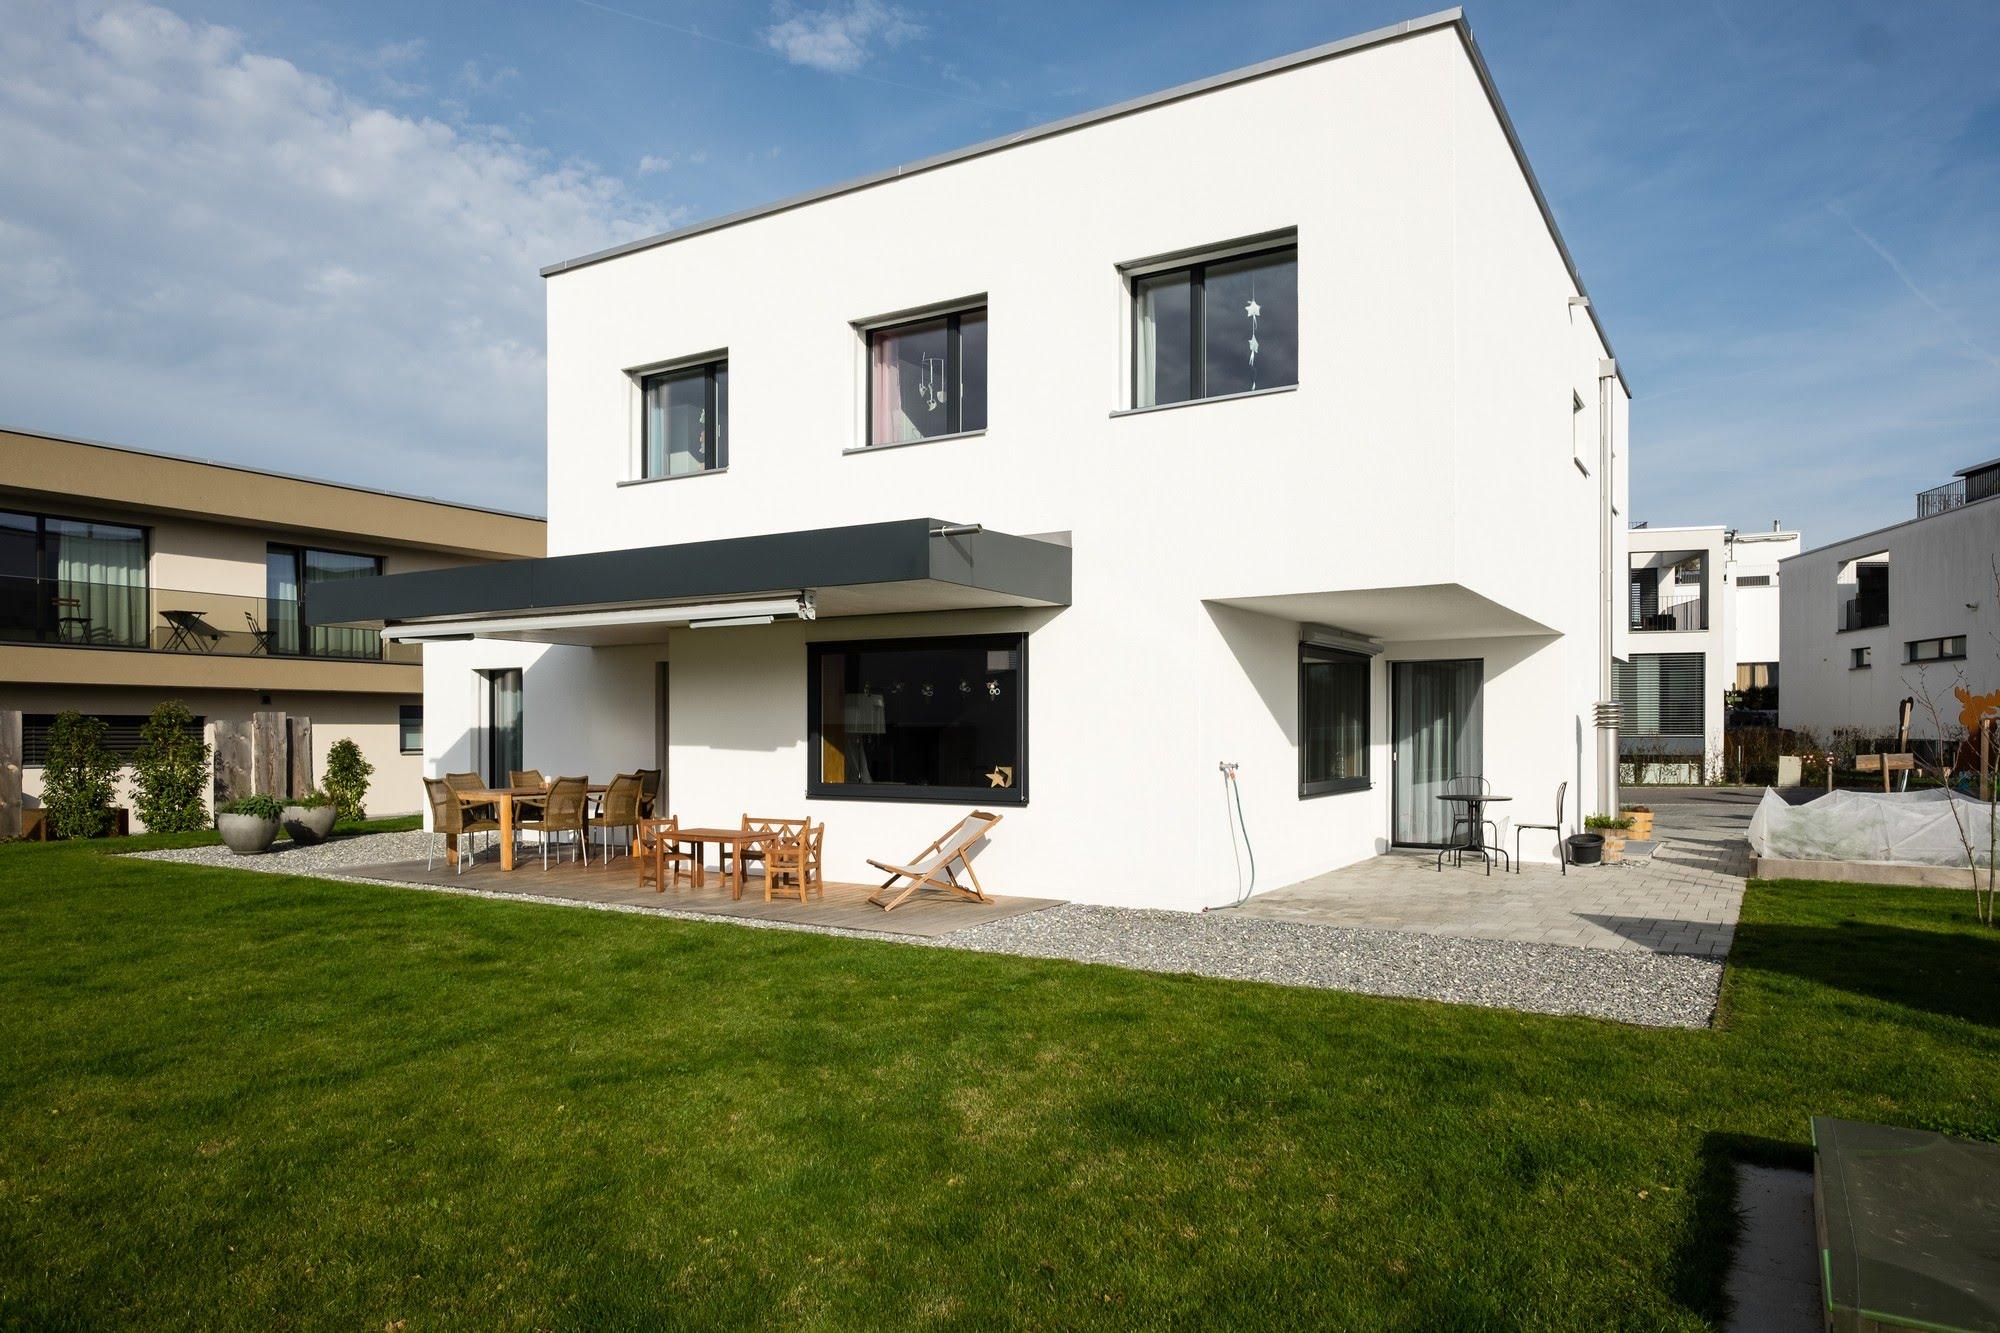 Wohnen EFH EFH in Oberkirch Architektur,Wohnungsbau,Wohnhäuser,Einfamilienhäuser,Mehrfamilienhäuser